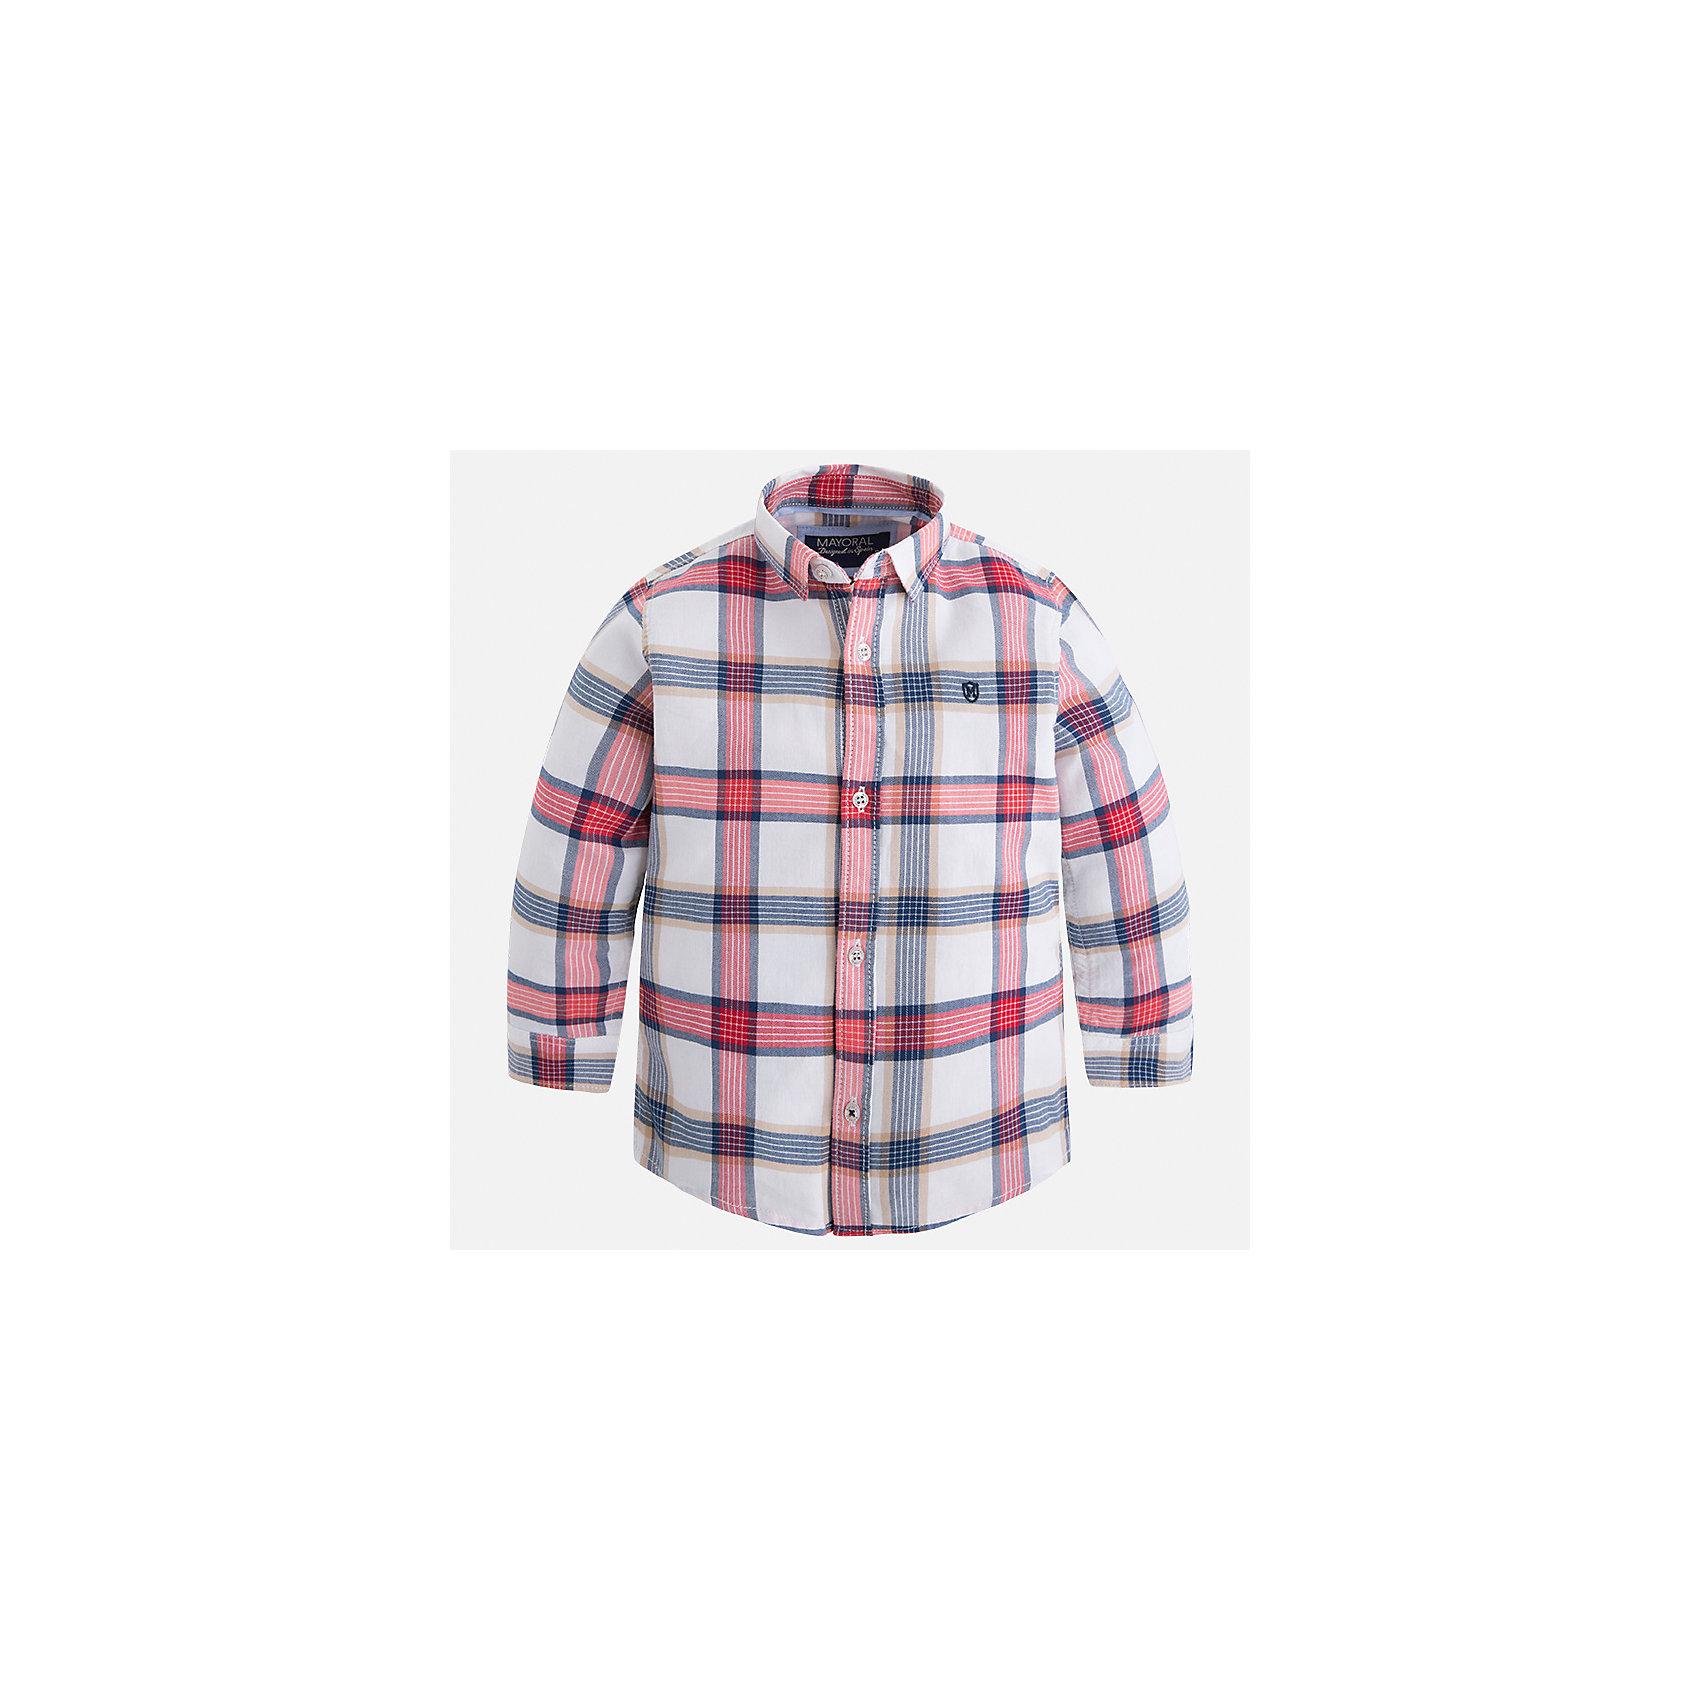 Рубашка Mayoral для мальчикаБлузки и рубашки<br>Характеристики товара:<br><br>• цвет: бежевый<br>• состав ткани: 100% хлопок<br>• сезон: демисезон<br>• особенности модели: школьная<br>• застежка: пуговицы<br>• длинные рукава<br>• страна бренда: Испания<br>• страна изготовитель: Индия<br><br>Клетчатая детская рубашка сделана из дышащего приятного на ощупь материала. Благодаря продуманному крою детской рубашки создаются комфортные условия для тела. Рубашка с длинным рукавом для мальчика отличается стильным продуманным дизайном.<br><br>Рубашку для мальчика Mayoral (Майорал) можно купить в нашем интернет-магазине.<br><br>Ширина мм: 174<br>Глубина мм: 10<br>Высота мм: 169<br>Вес г: 157<br>Цвет: бежевый<br>Возраст от месяцев: 72<br>Возраст до месяцев: 84<br>Пол: Мужской<br>Возраст: Детский<br>Размер: 122,128,134,92,98,104,110,116<br>SKU: 6934075